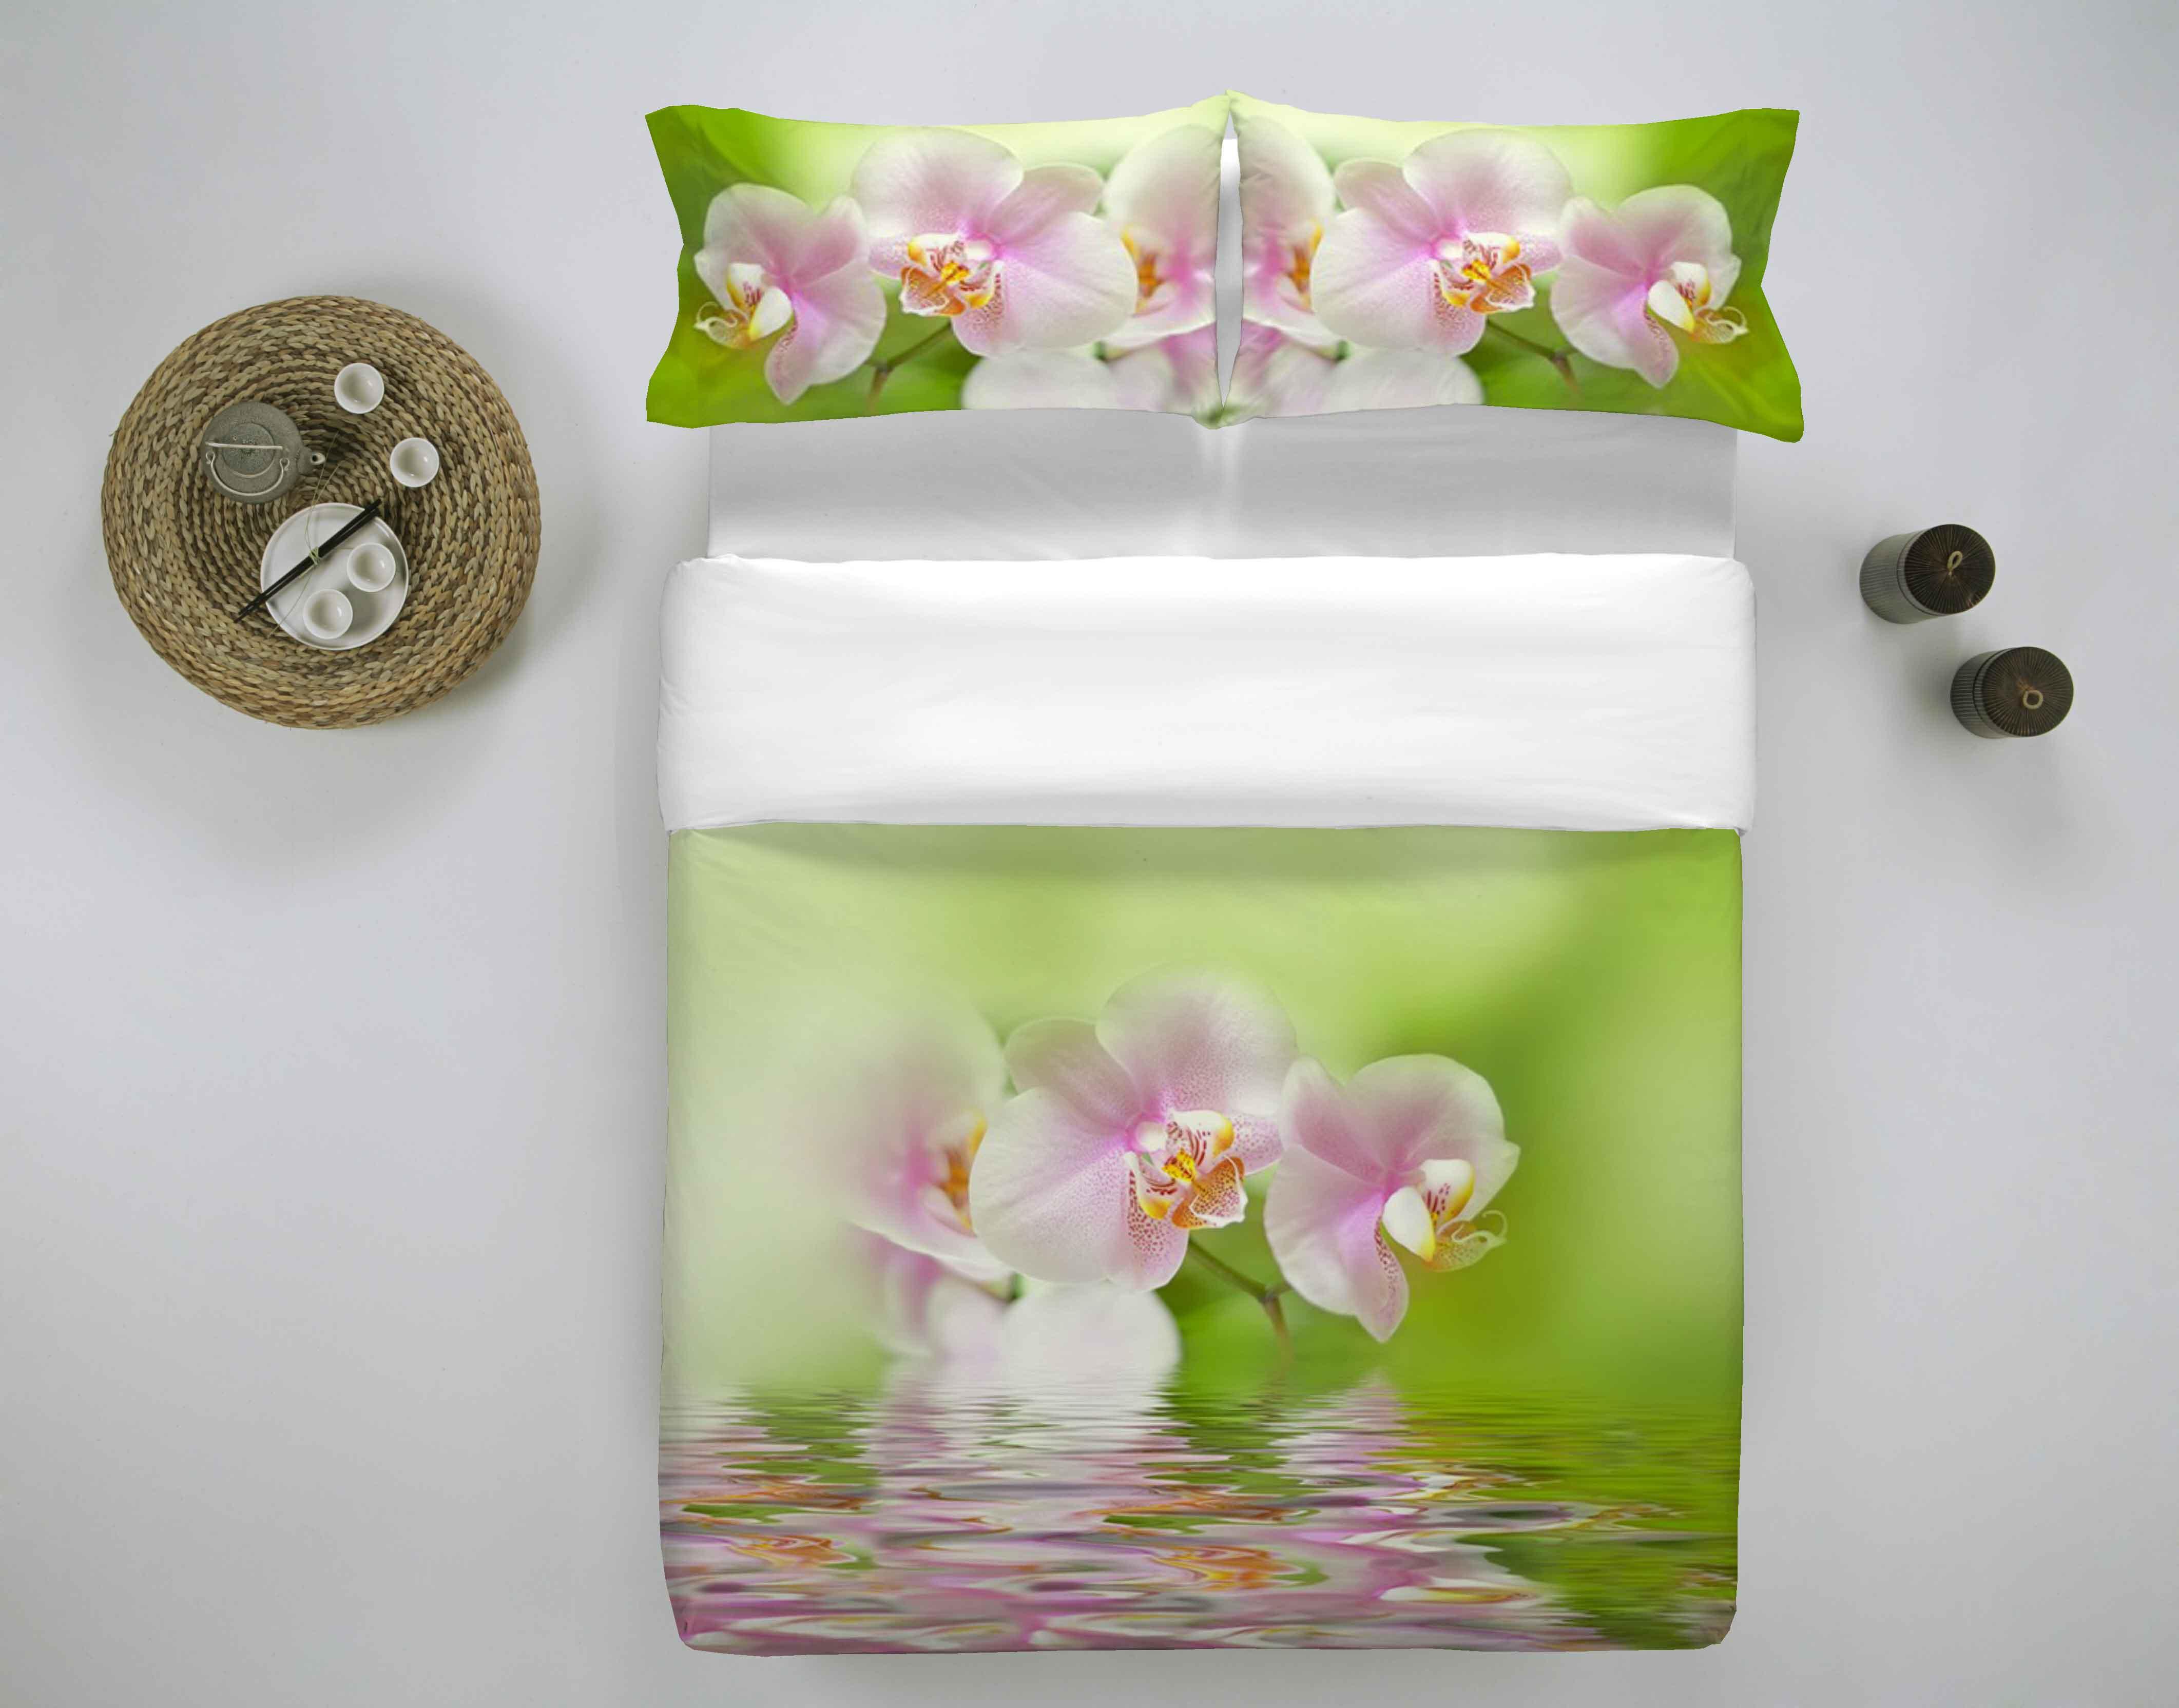 Copripiumino Orchidea.Copripiumino In 2 Misure Maxi Stampa Prodotto Italia Fantasia